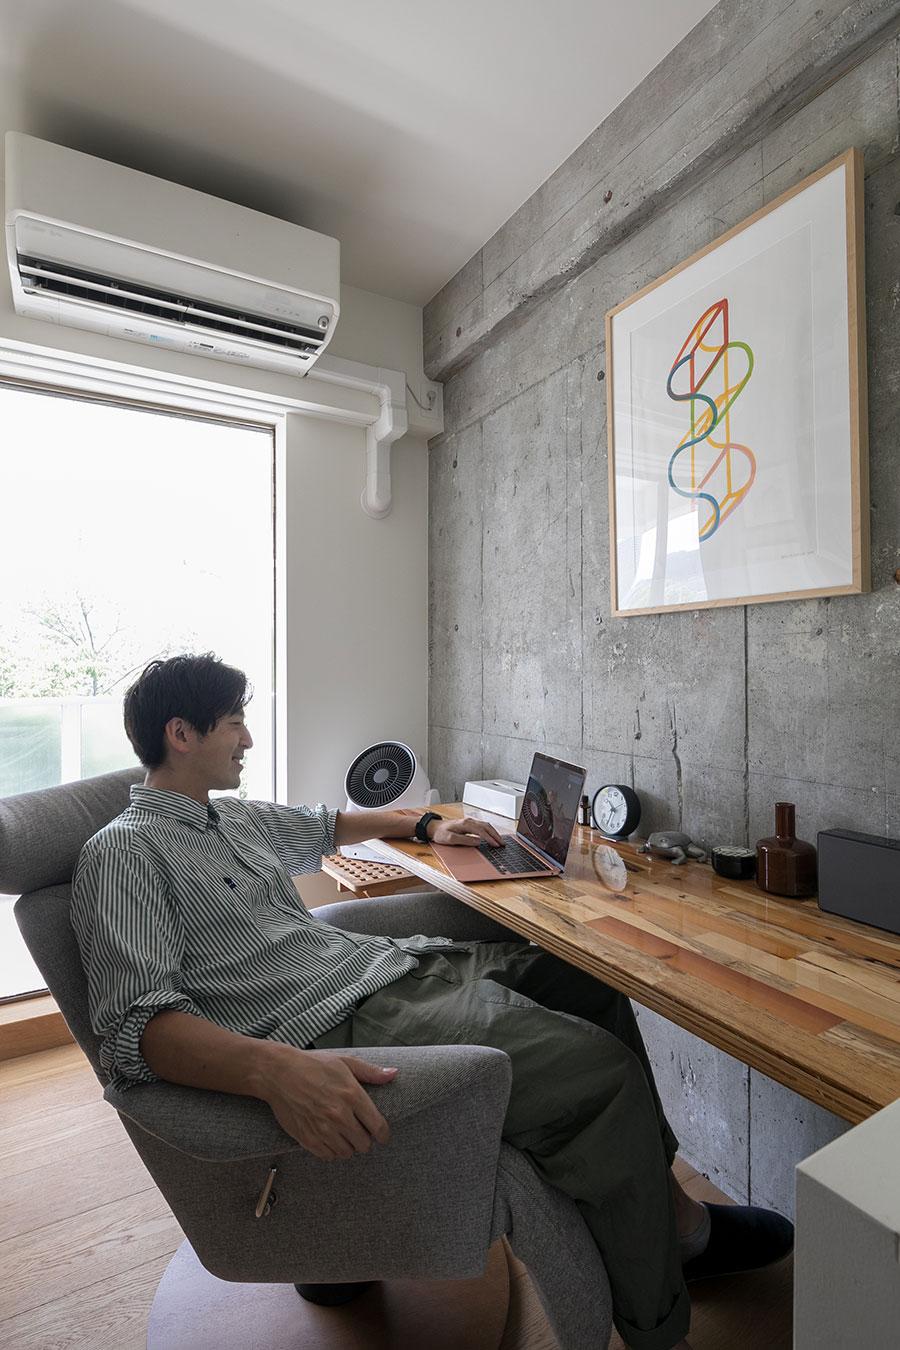 「書斎は漫画喫茶をイメージして、あえて小さなスペースにリクライニングチェアを入れました」。以前から使っていたお気に入の天板は壁付けに。